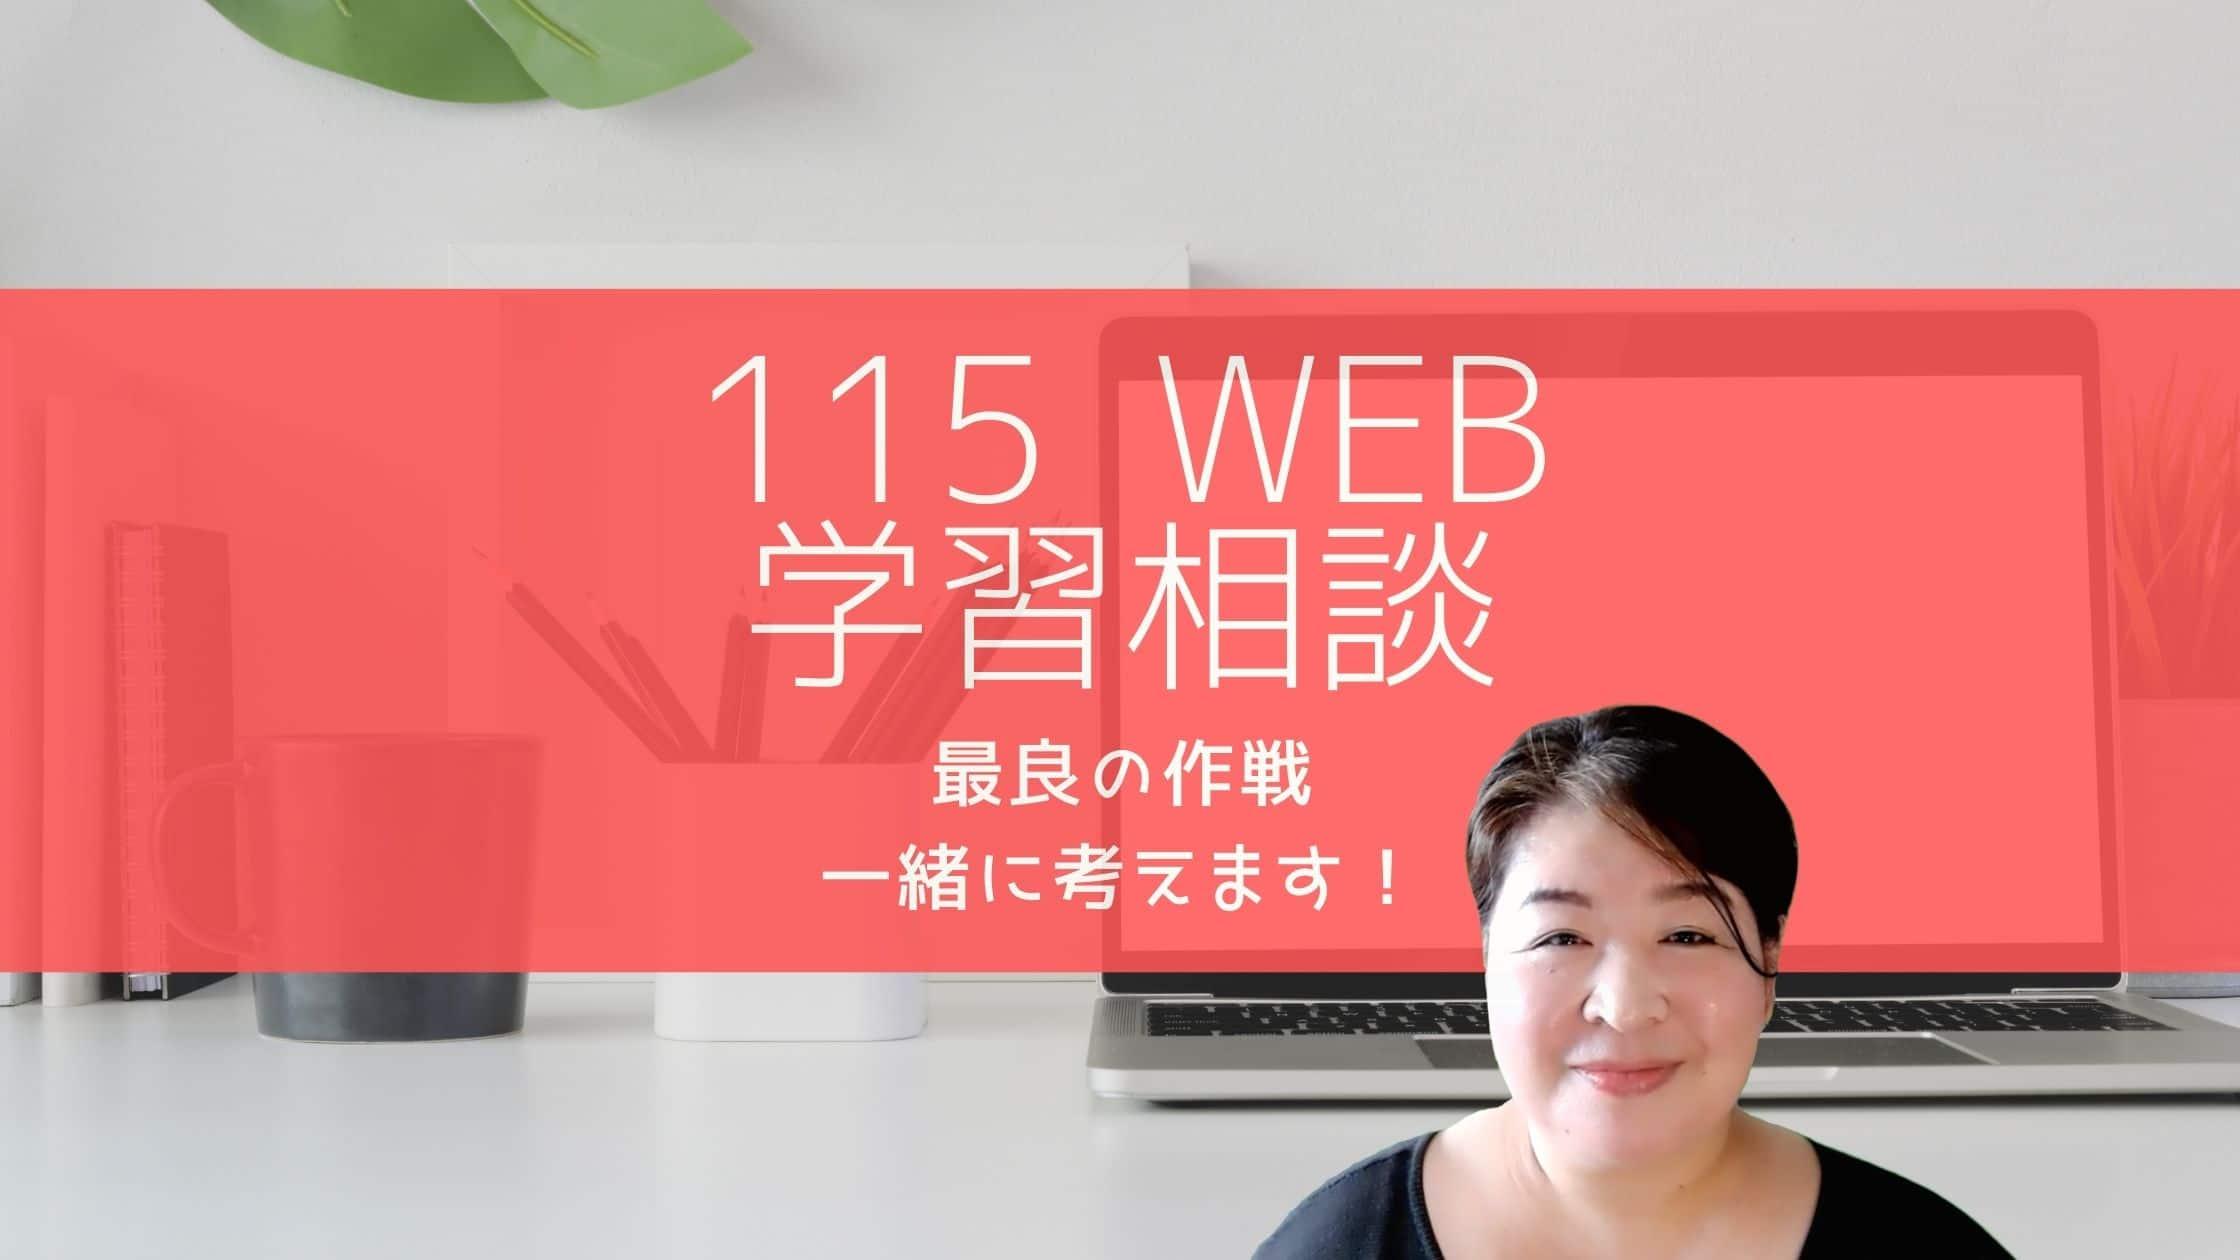 WEB学習相談